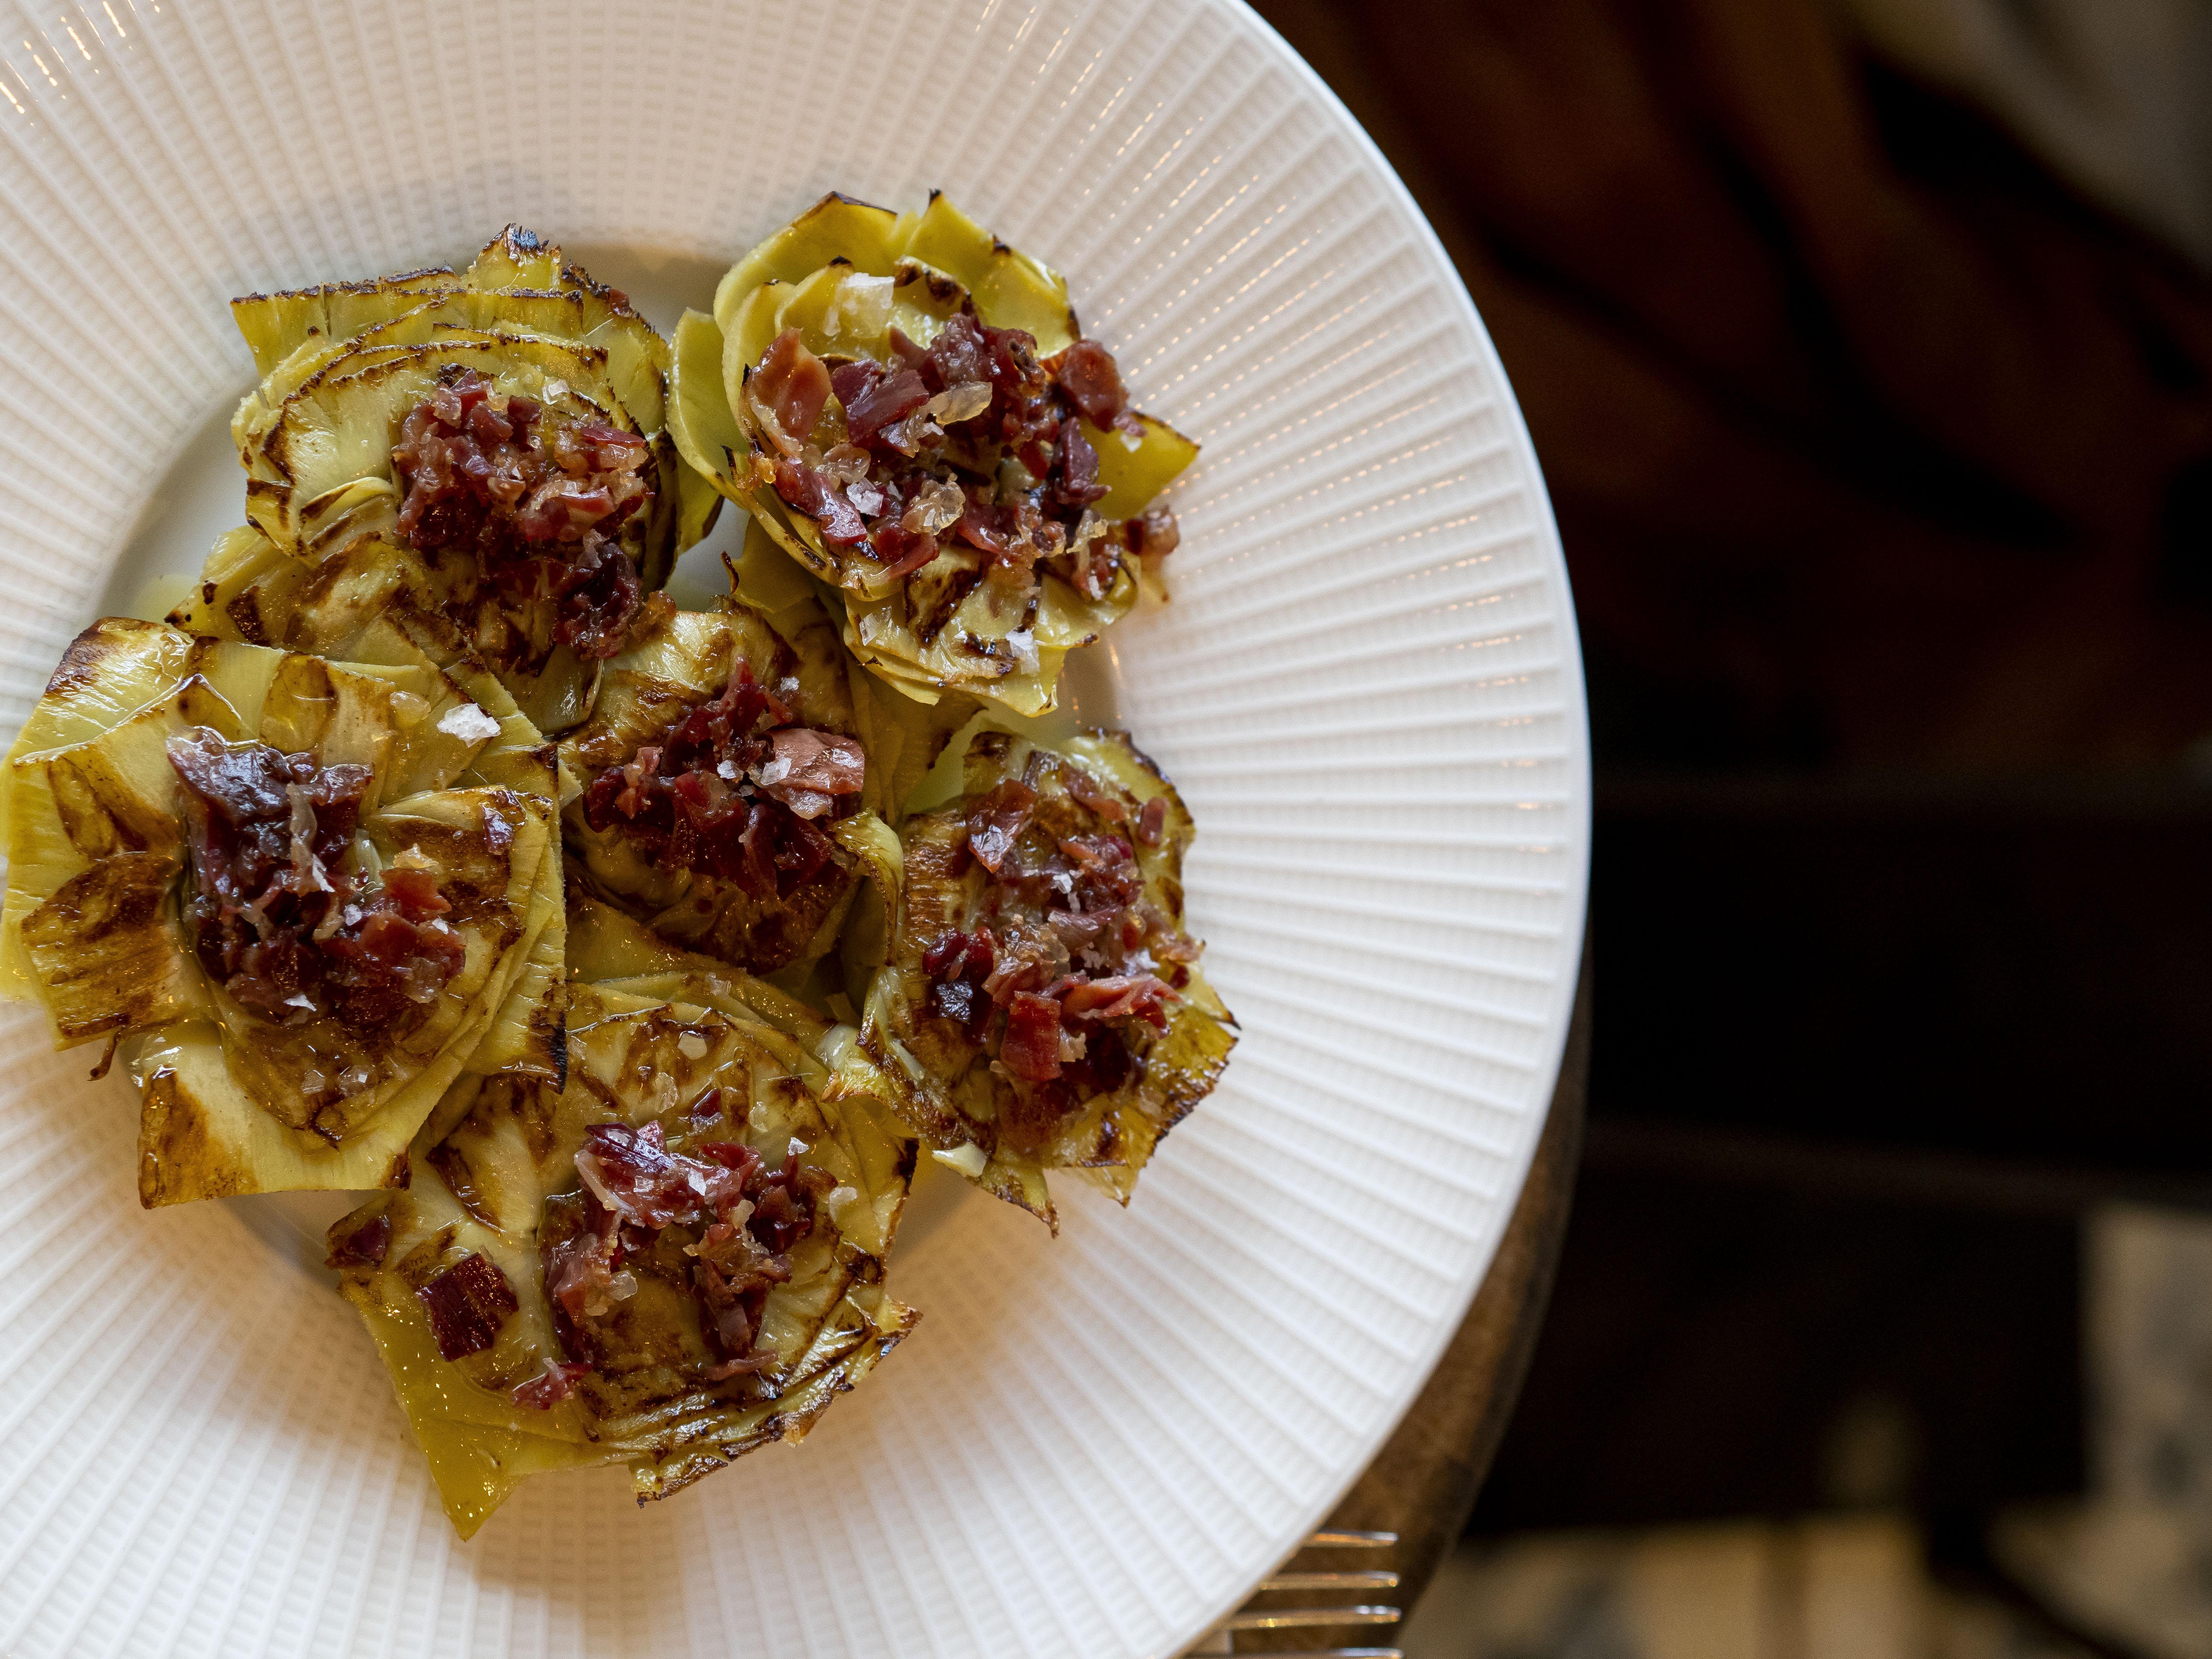 Flores alcachofas con jamon iberico de bellota